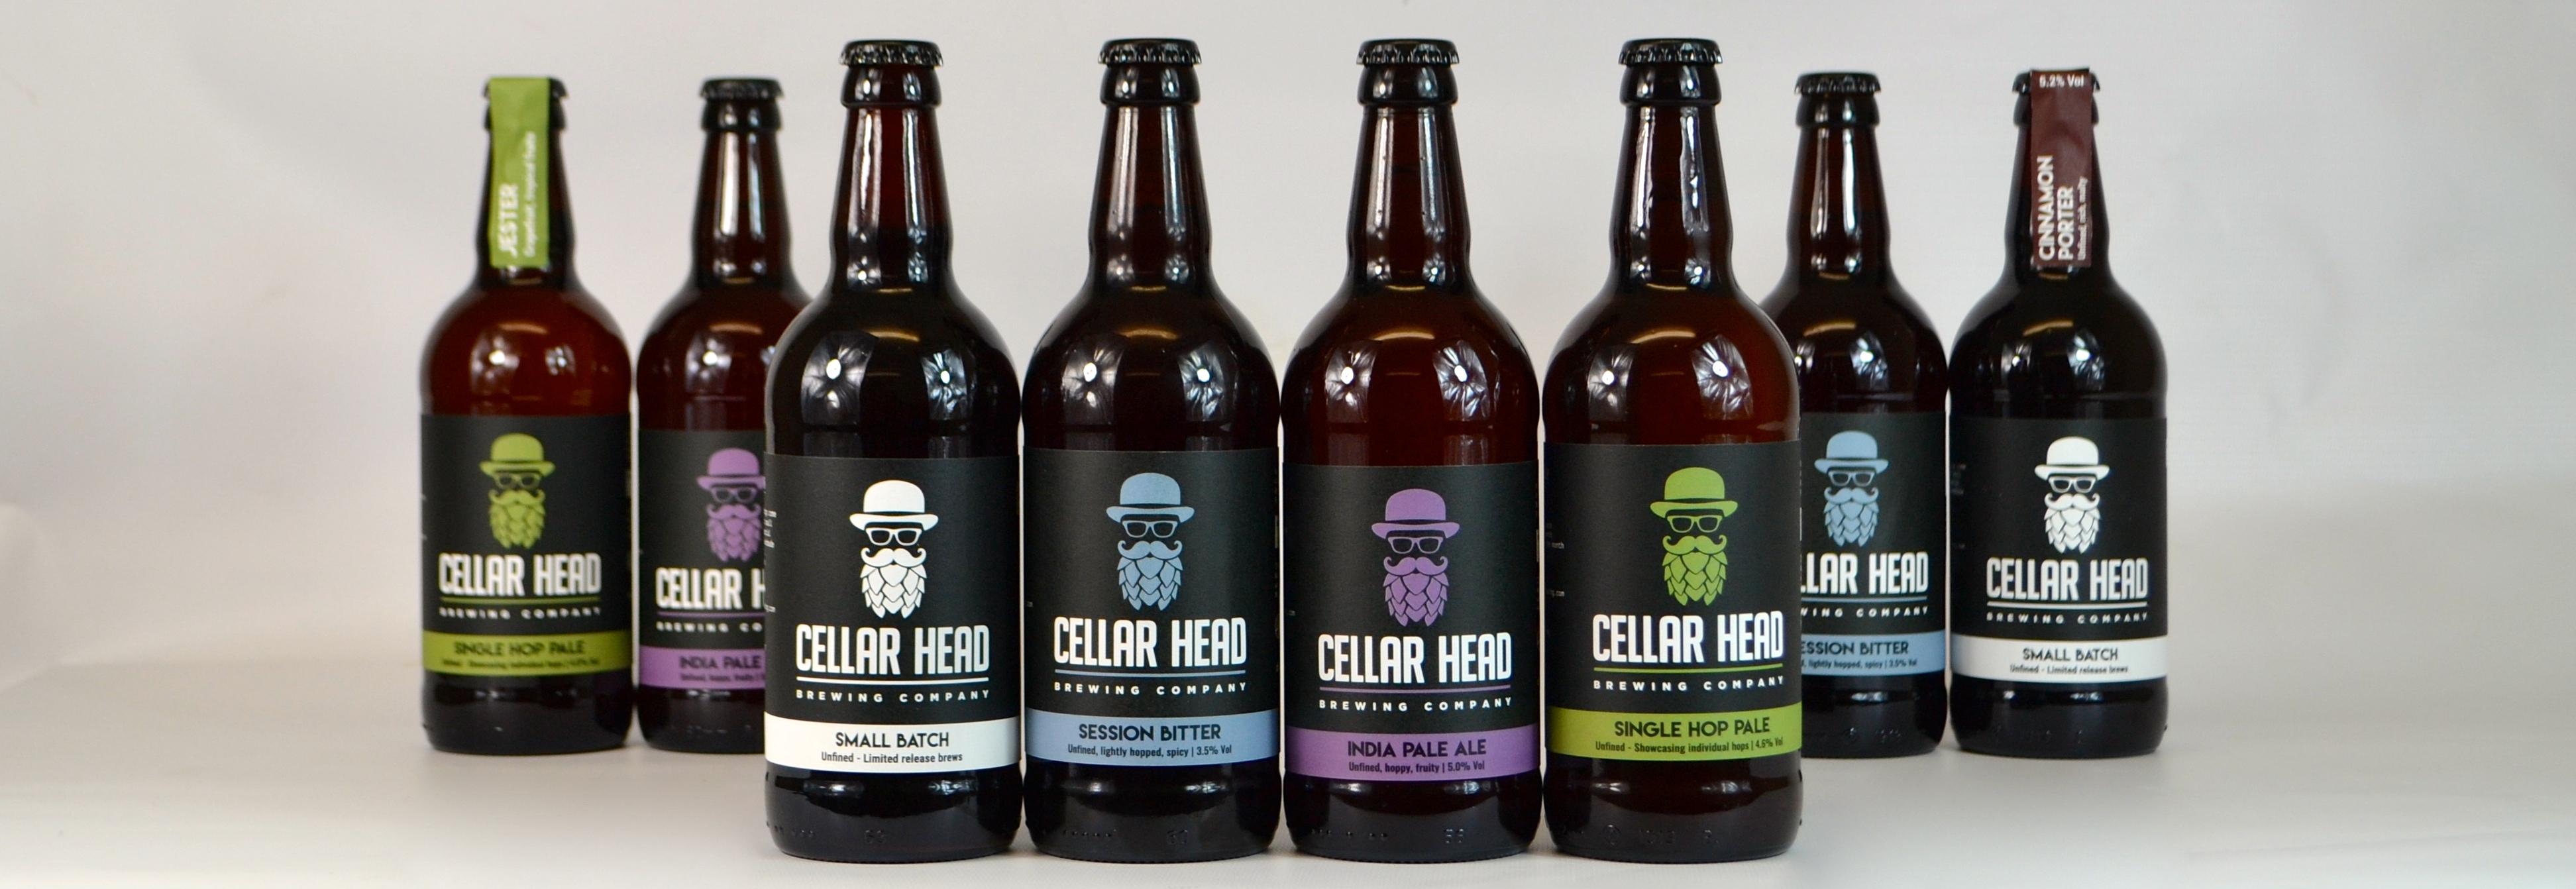 Cellar Head Brewing Co